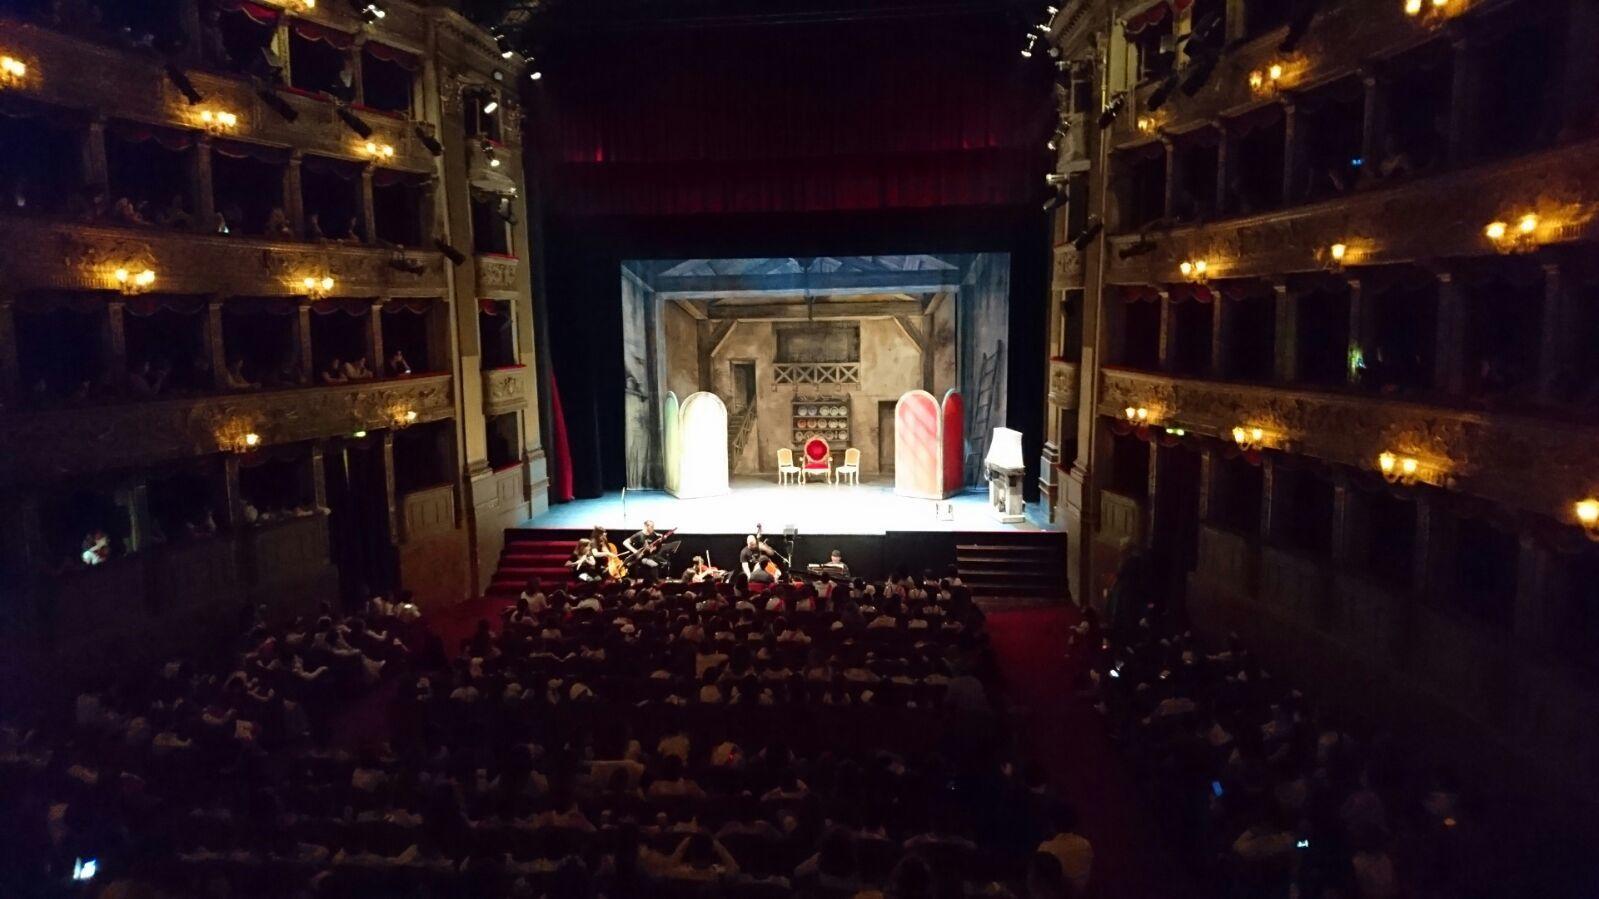 Azi am fost la Teatrul Argentina in centrul Romei. S-a pus in scena o varianta speciala a Cenusaresei de o trupa de artisti profesionisti ai respectivului teatru in colaborare cu scoala Henri Matisse unde invata Andrei. E clar ca am avut inima cat un purice pe parcursul intregii opere de teatru, cu un nod in gat si lacrimi in coltul ochilor, senzatii specifice mamelor, in special, stiindu-si odrasla in mijlocul atator altor copii participanti la un eveniment deosebit si de asemenea amploare, un proiect stralucitor care s-a bucurat de succesul mult asteptat. Mentionez ca profesionistii cantau laolalta cu copiii, protagonisti ai acestui eveniment inedit, aflati in sala de teatru, fetitele imbracate in tinute de printesa, iar baietii de printi, urcand pe rand pe scena, in diferite momente ale piesei.  Au participat toate clasele scolii pe care Andrei o frecventeaza. Au invatat toate cantecele incluse in spectacol de pe un Dvd pe care l-au primit de la scoala, furnizat de trupa de teatru. A rasunat casa de muzica clasica o buna bucata de timp, incat le-am invatat si noi pe dinafara. Emotionant!!! Muzicistii, care cantau live si cu patos, au fost elogiati si ei, la final, alaturi de toti participantii la spectacol. O ora si jumatate de poveste! Ce zi spectaculara! Ne vedem la anul cu Flautul magic de Mozart!!